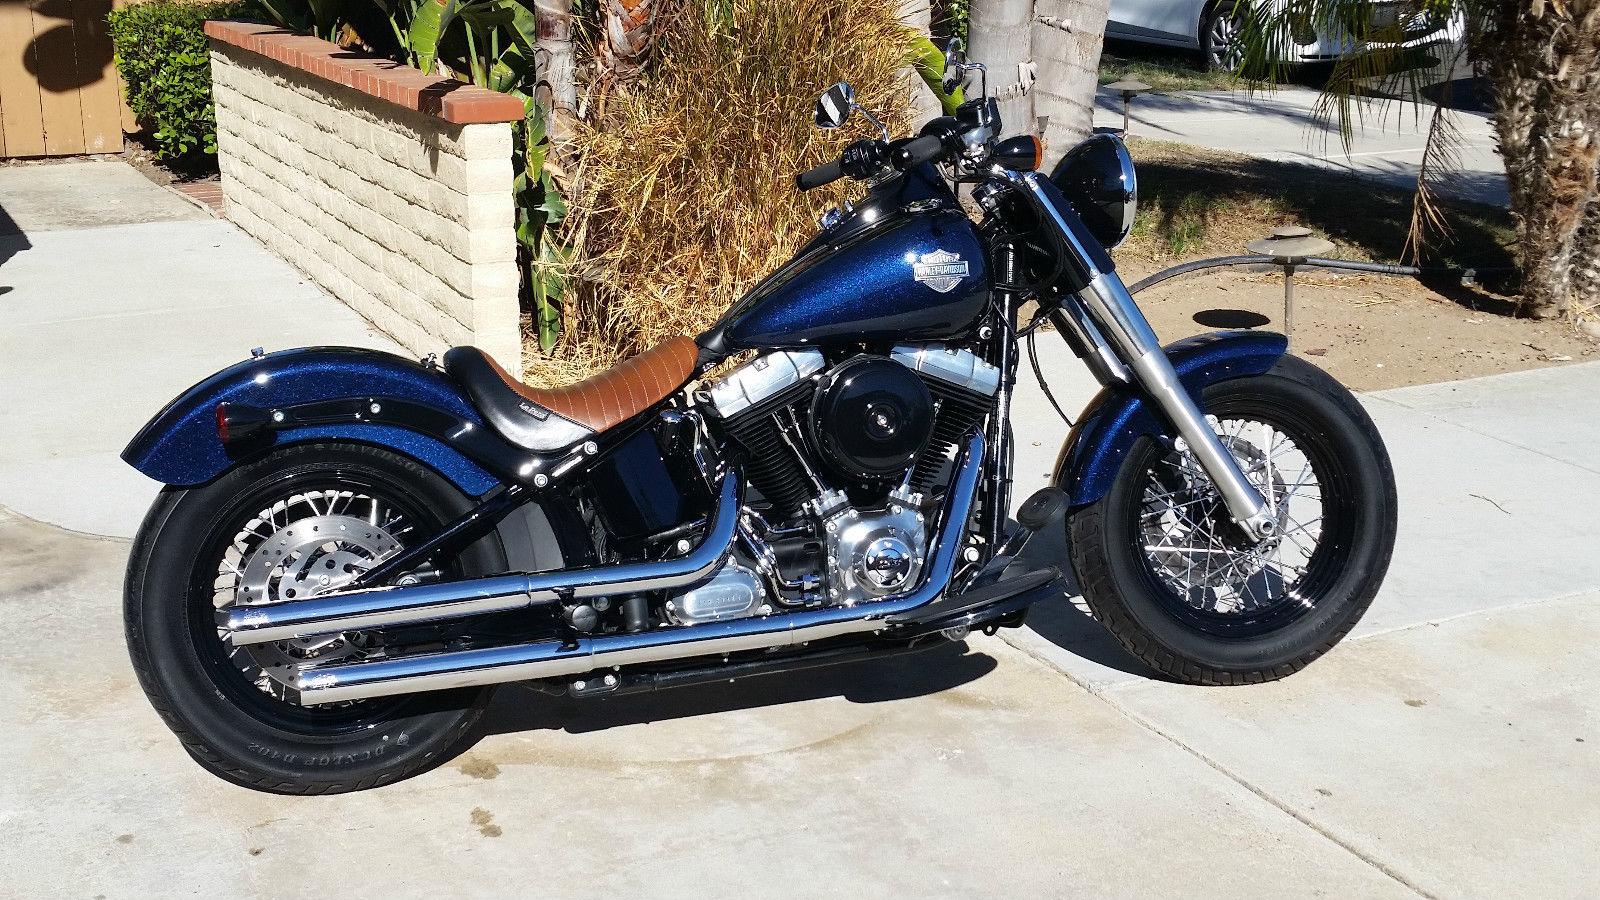 Harley Softail For Sale San Diego >> 2013 Harley Softail Slim FLS Big Blue Pearl